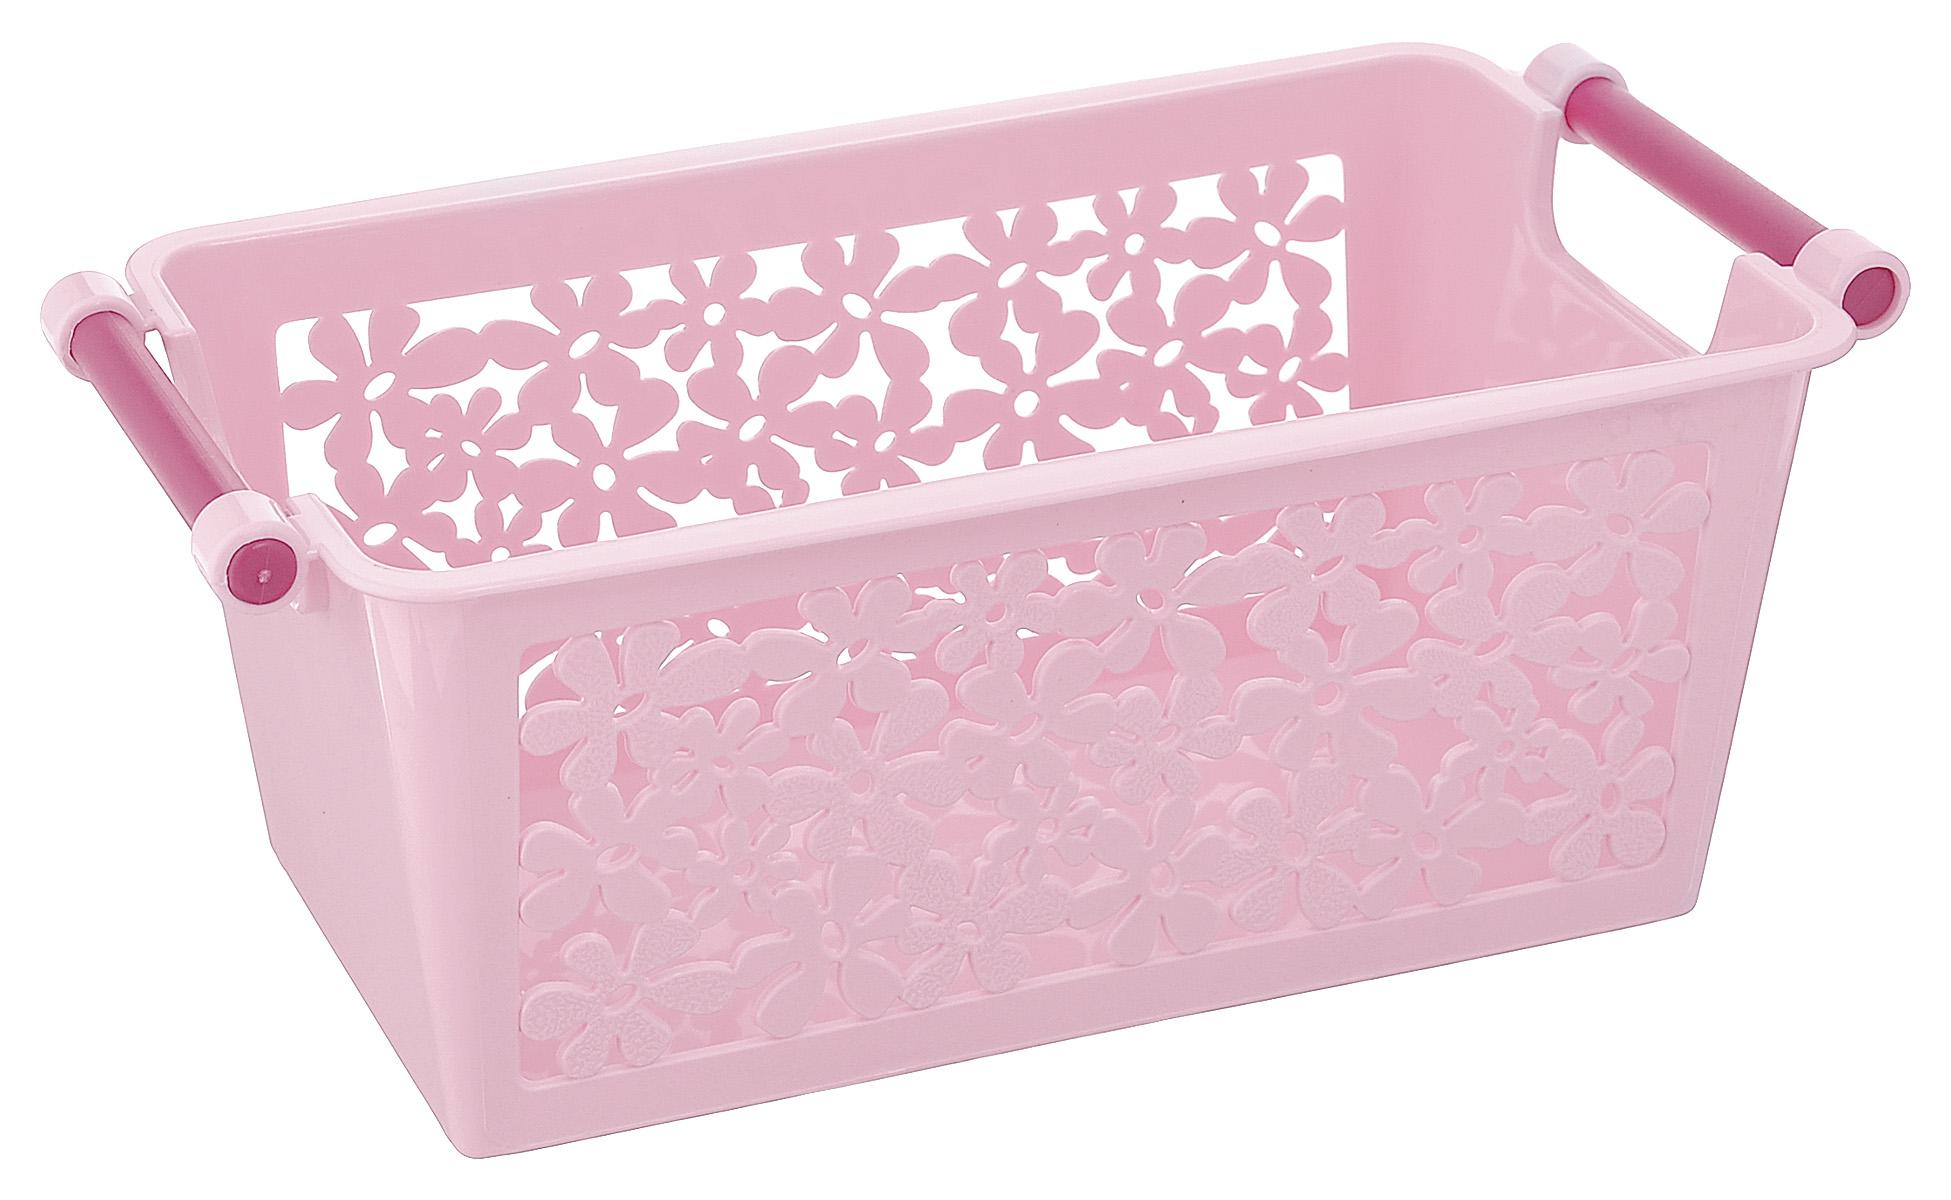 Корзина Альтернатива Романтика, цвет: розовый, фиолетовый, 23 см х 12 см х 9 смМ1783_розовый, фиолетовыйУниверсальная корзина Романтика, выполненная из пластика, предназначена для хранения мелочей в ванной, на кухне, на даче или в гараже. Боковые стенки перфорированные. Корзина позволяет хранить мелкие вещи, исключая возможность их потери.